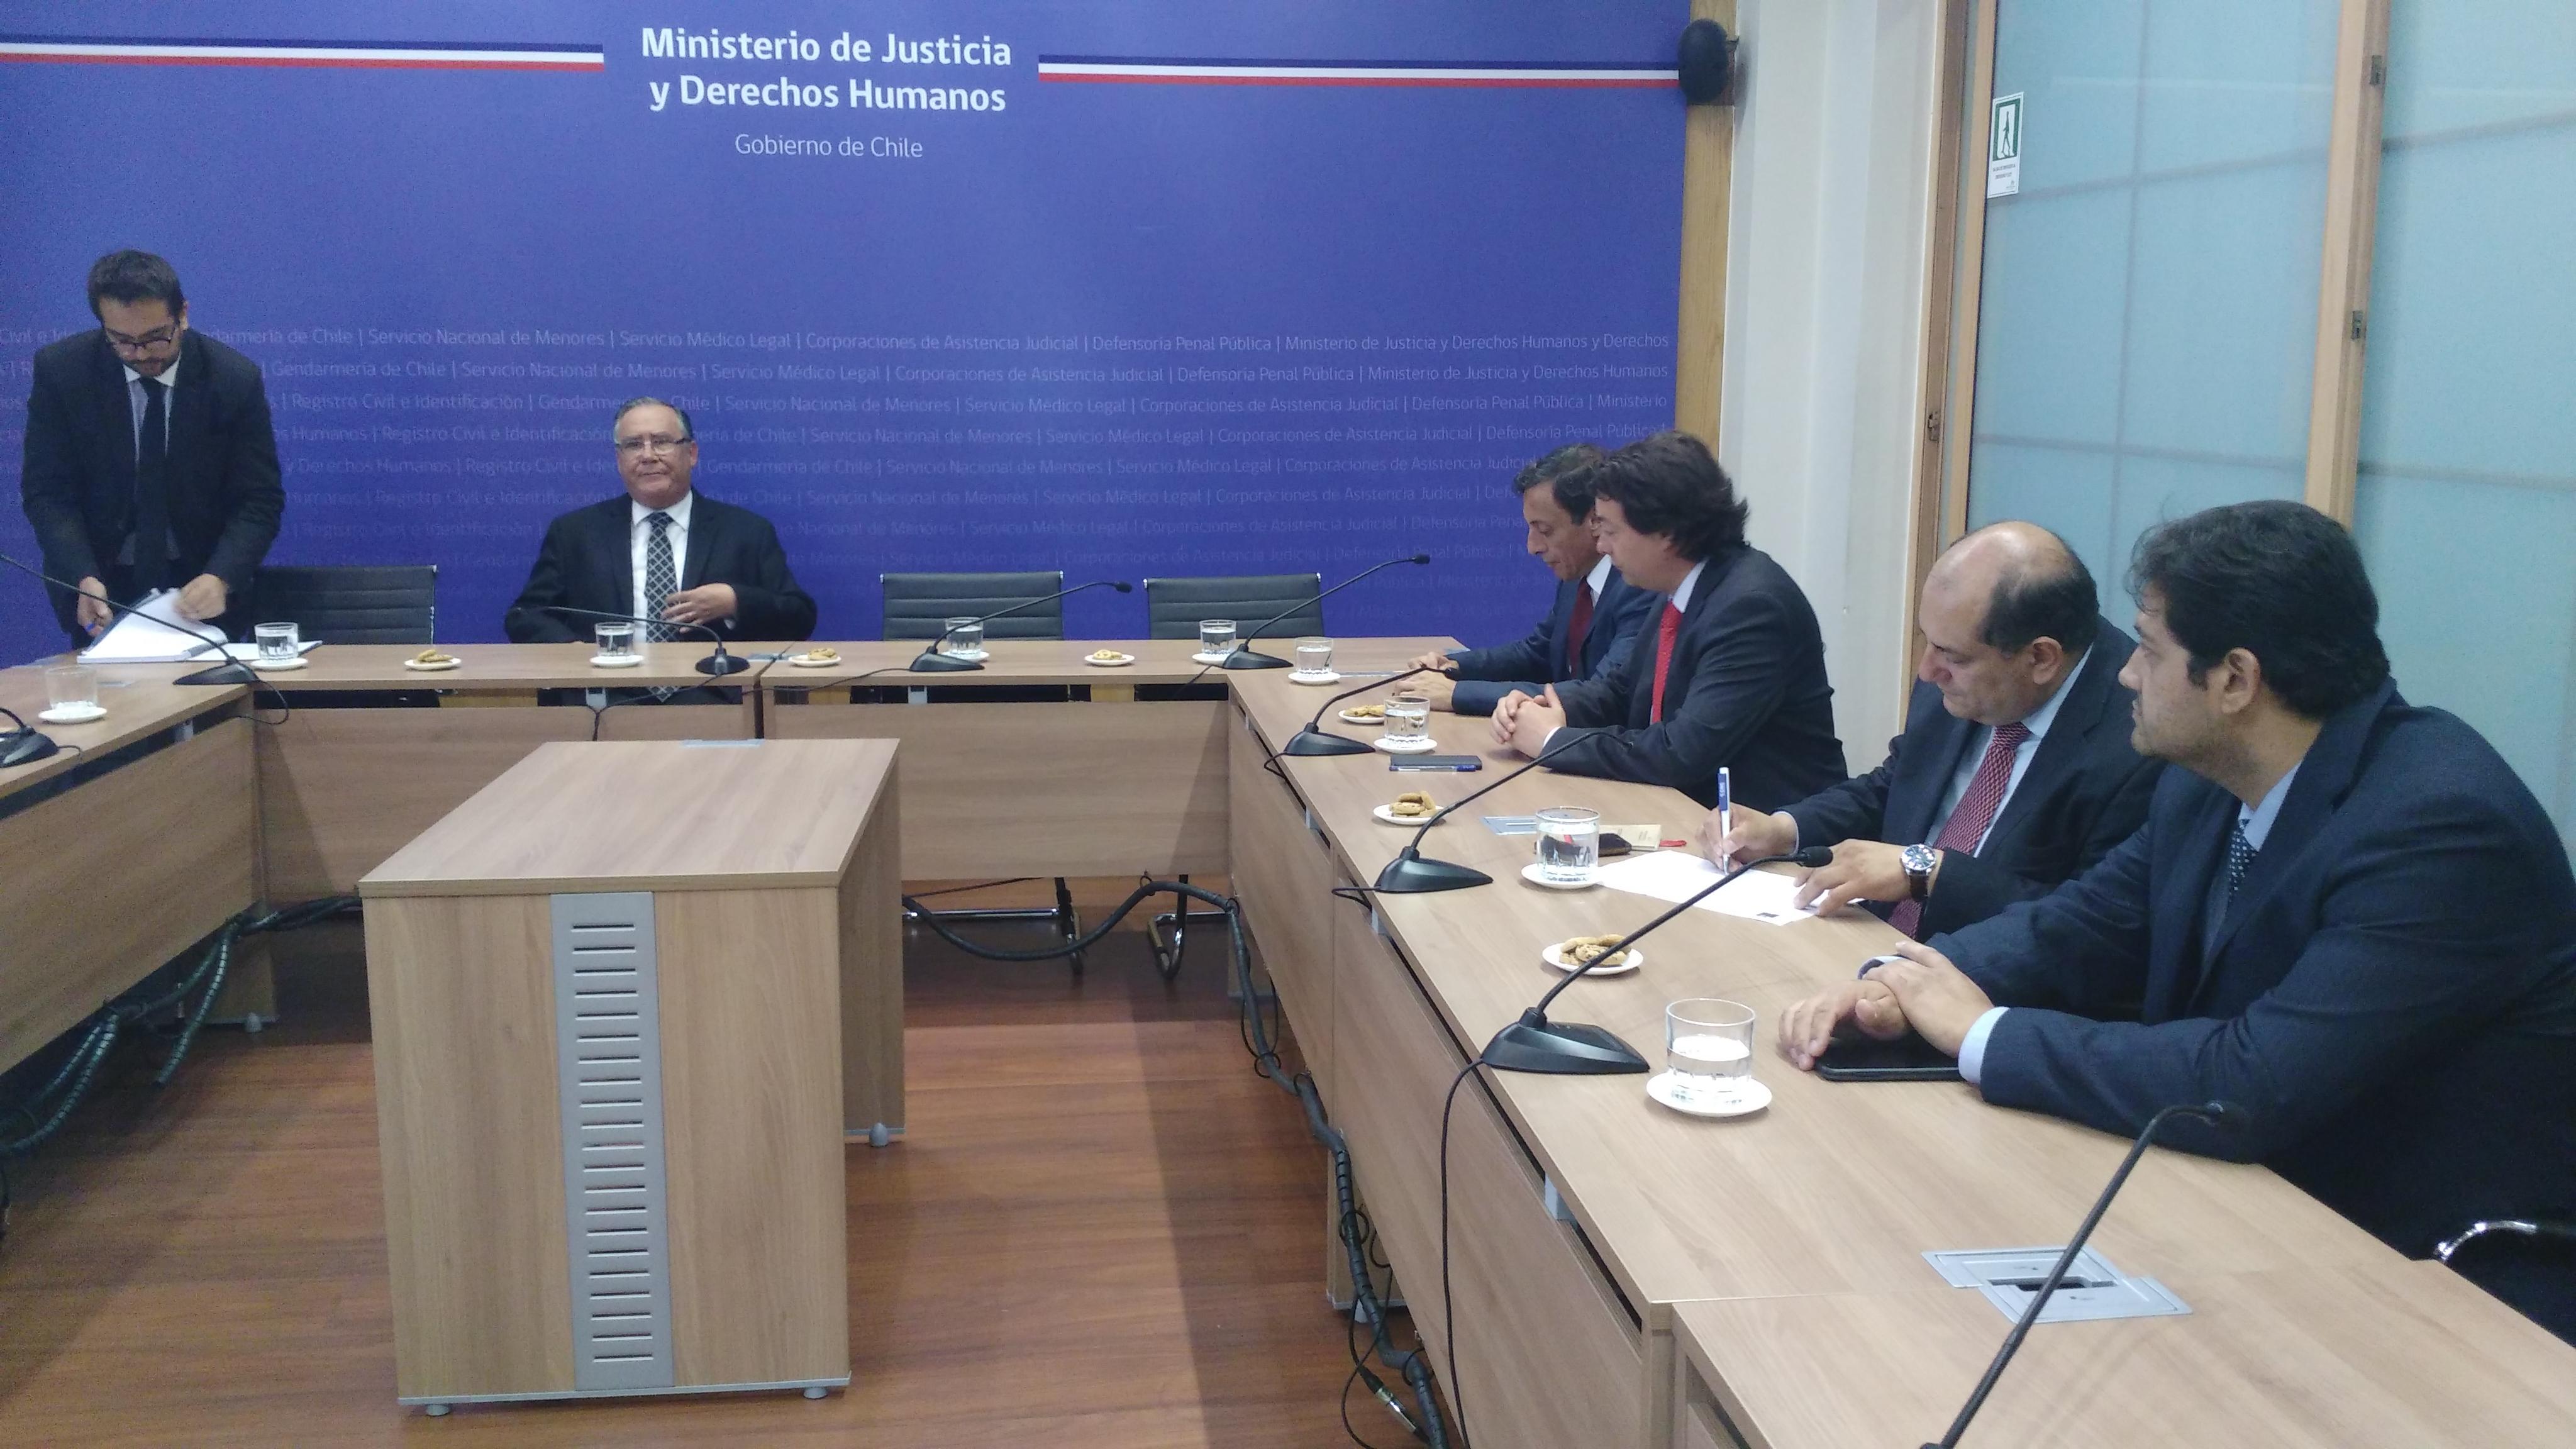 Reunión con Ministro y Subsecretario de Justicia - 27 Diciembre 2016